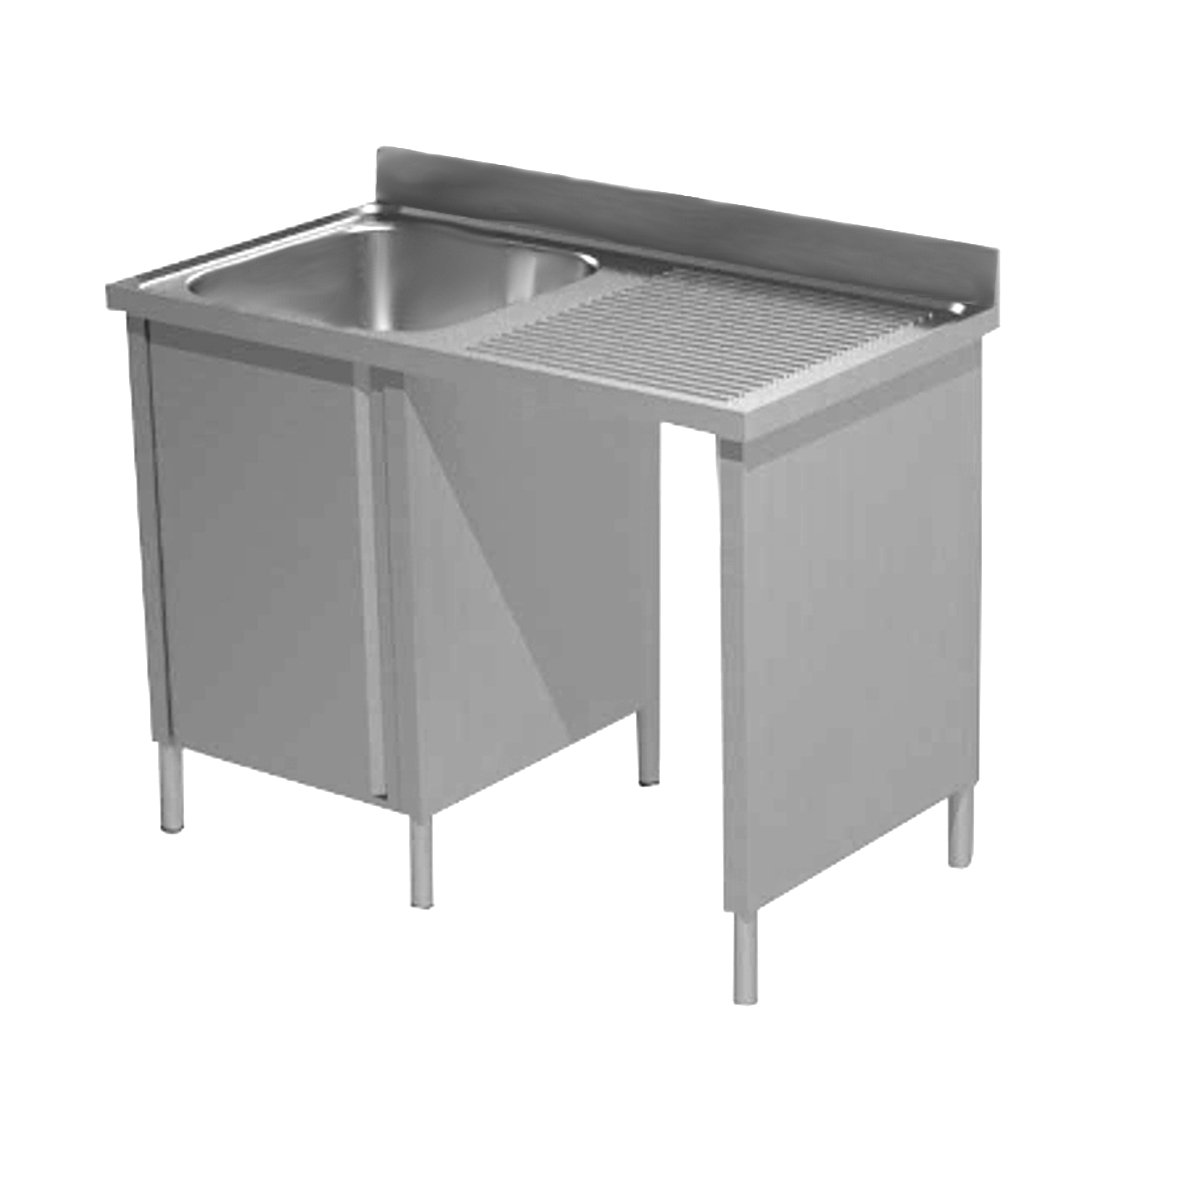 Lavatoio armadiato acciaio inox una vasca con vano pattumiera dx